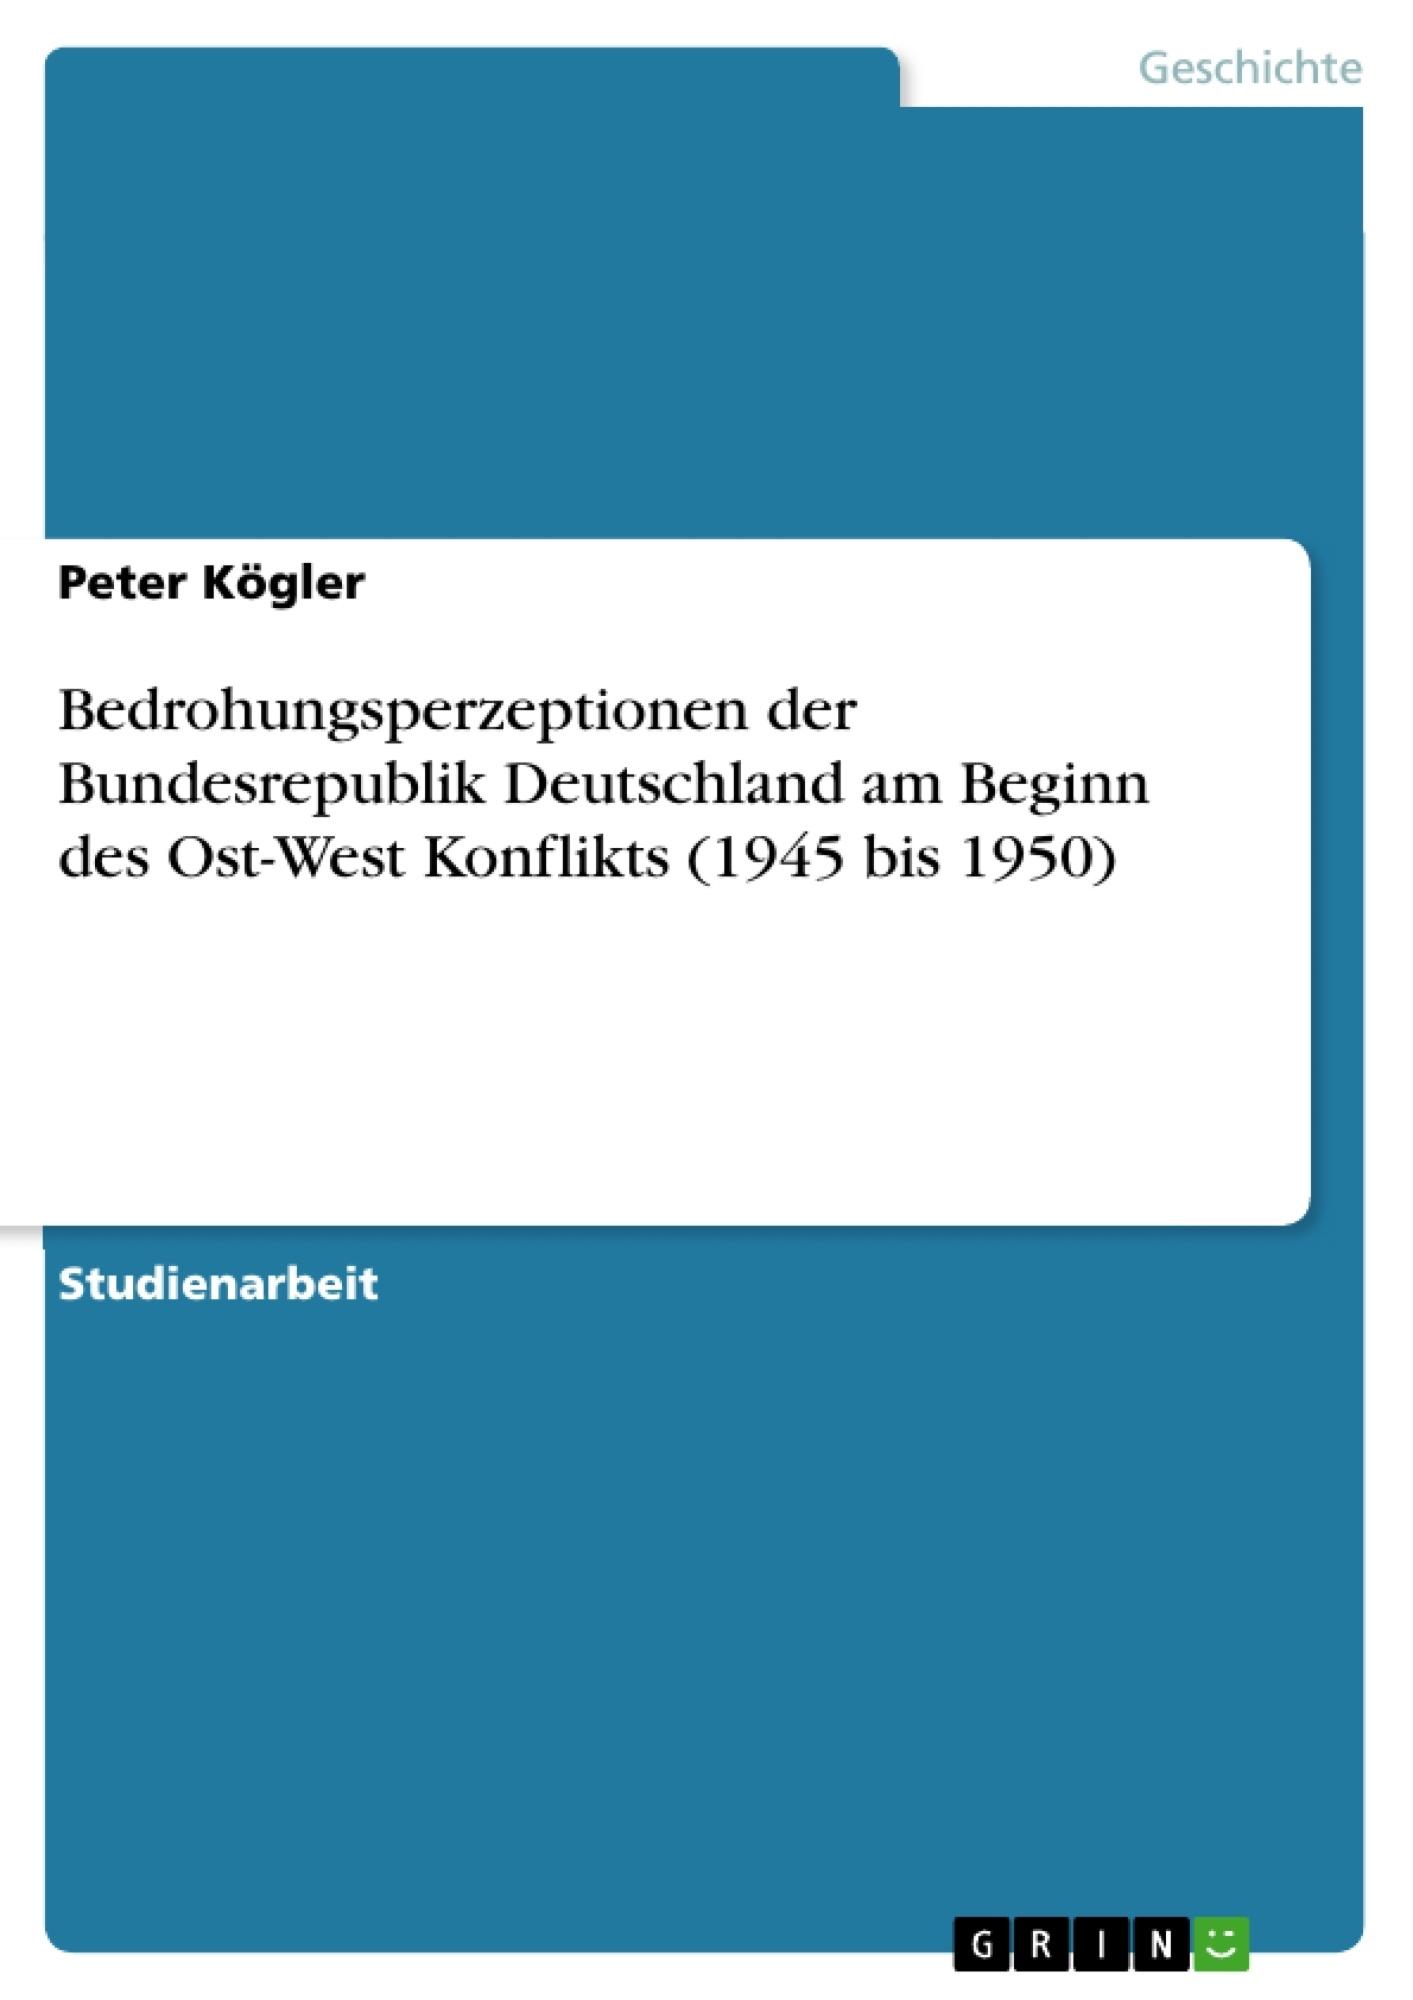 Titel: Bedrohungsperzeptionen der Bundesrepublik Deutschland am Beginn des Ost-West Konflikts (1945 bis 1950)